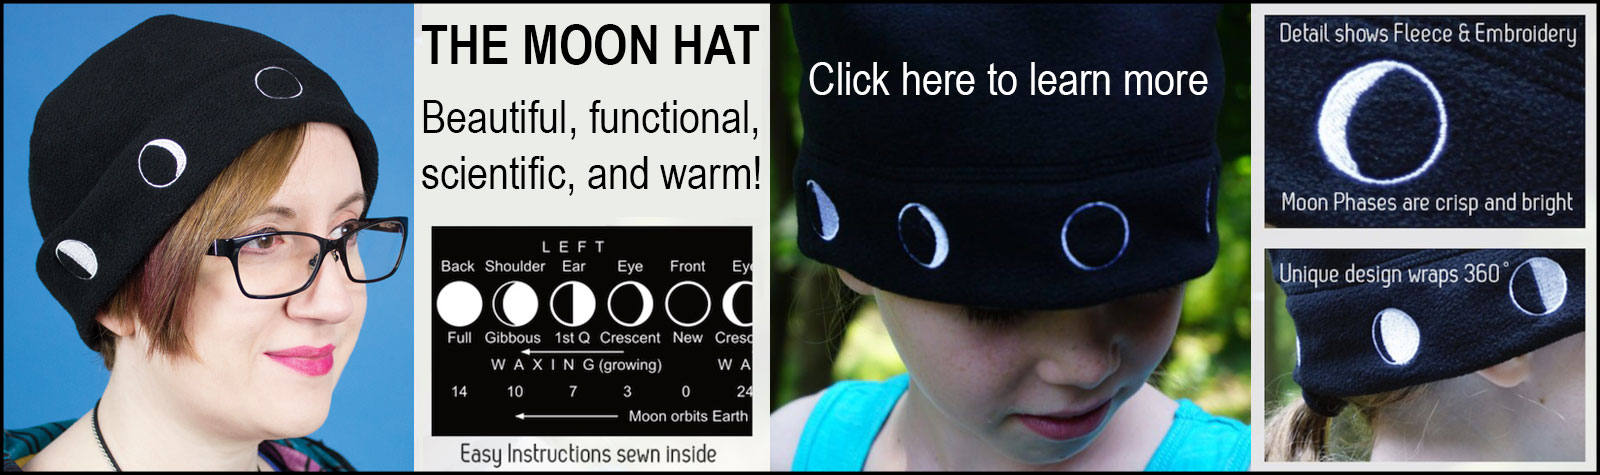 Moon hat